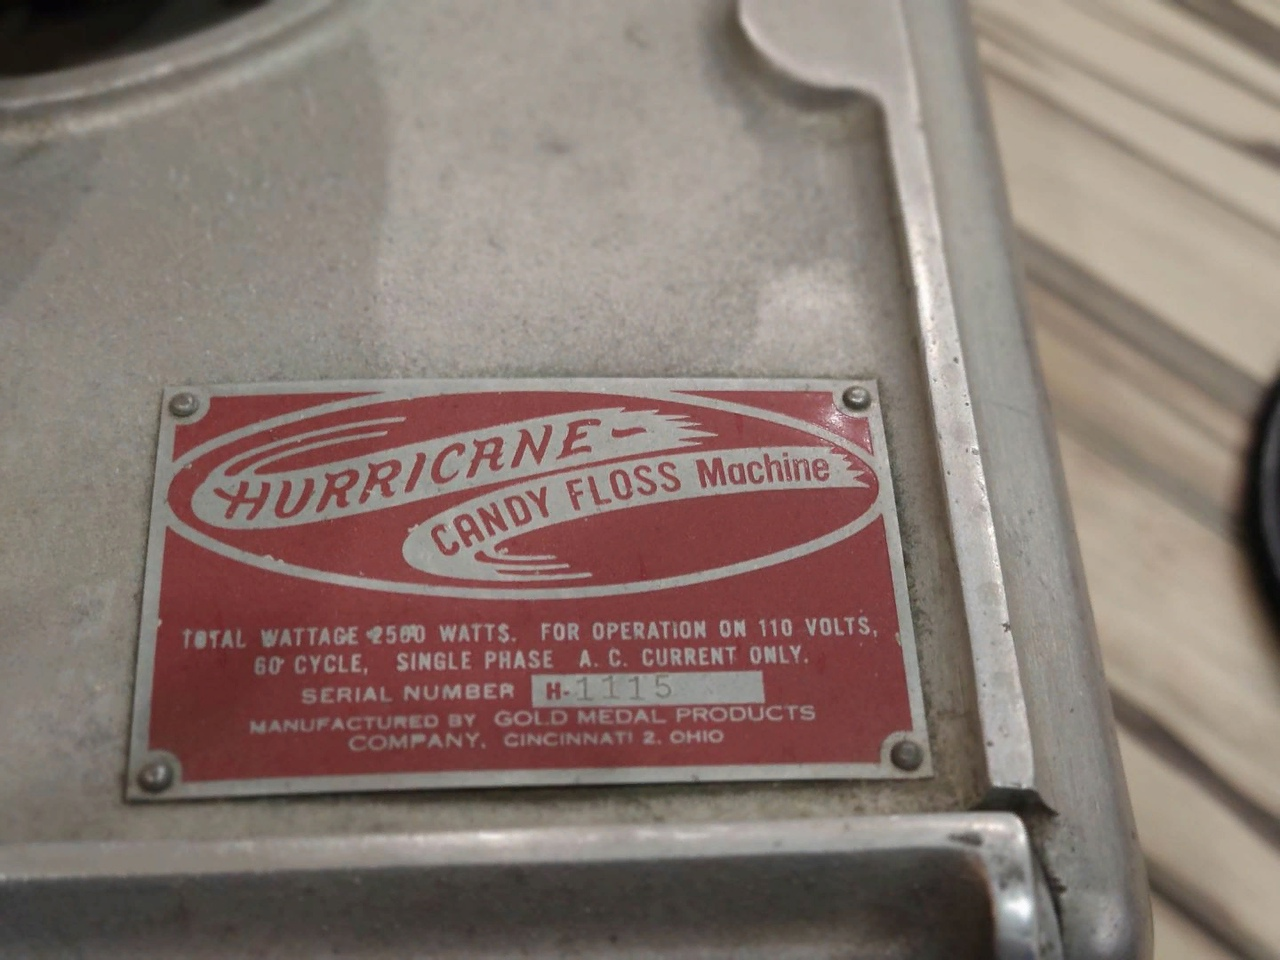 Первый в мире аппарат сладкой ваты Hurricane // история сахарной ваты 1951 год